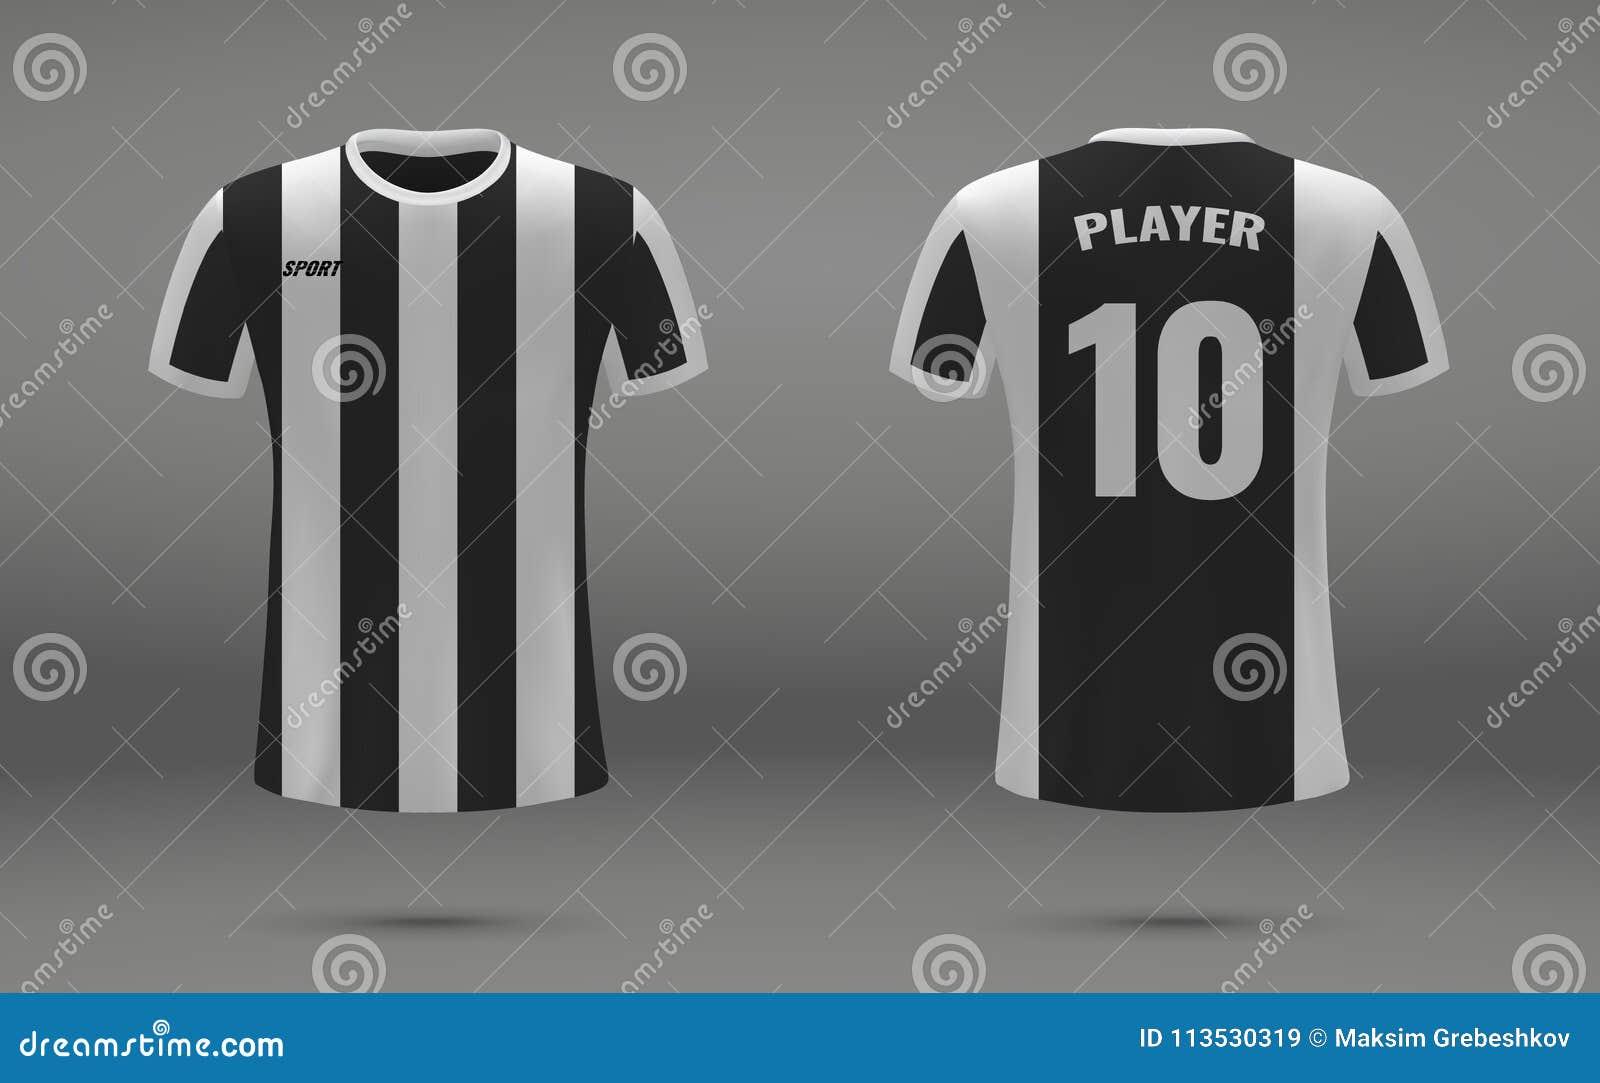 cd53d9ee7f47d1 Soccer Jersey Vector Illustration Stock Vector - Illustration of ...